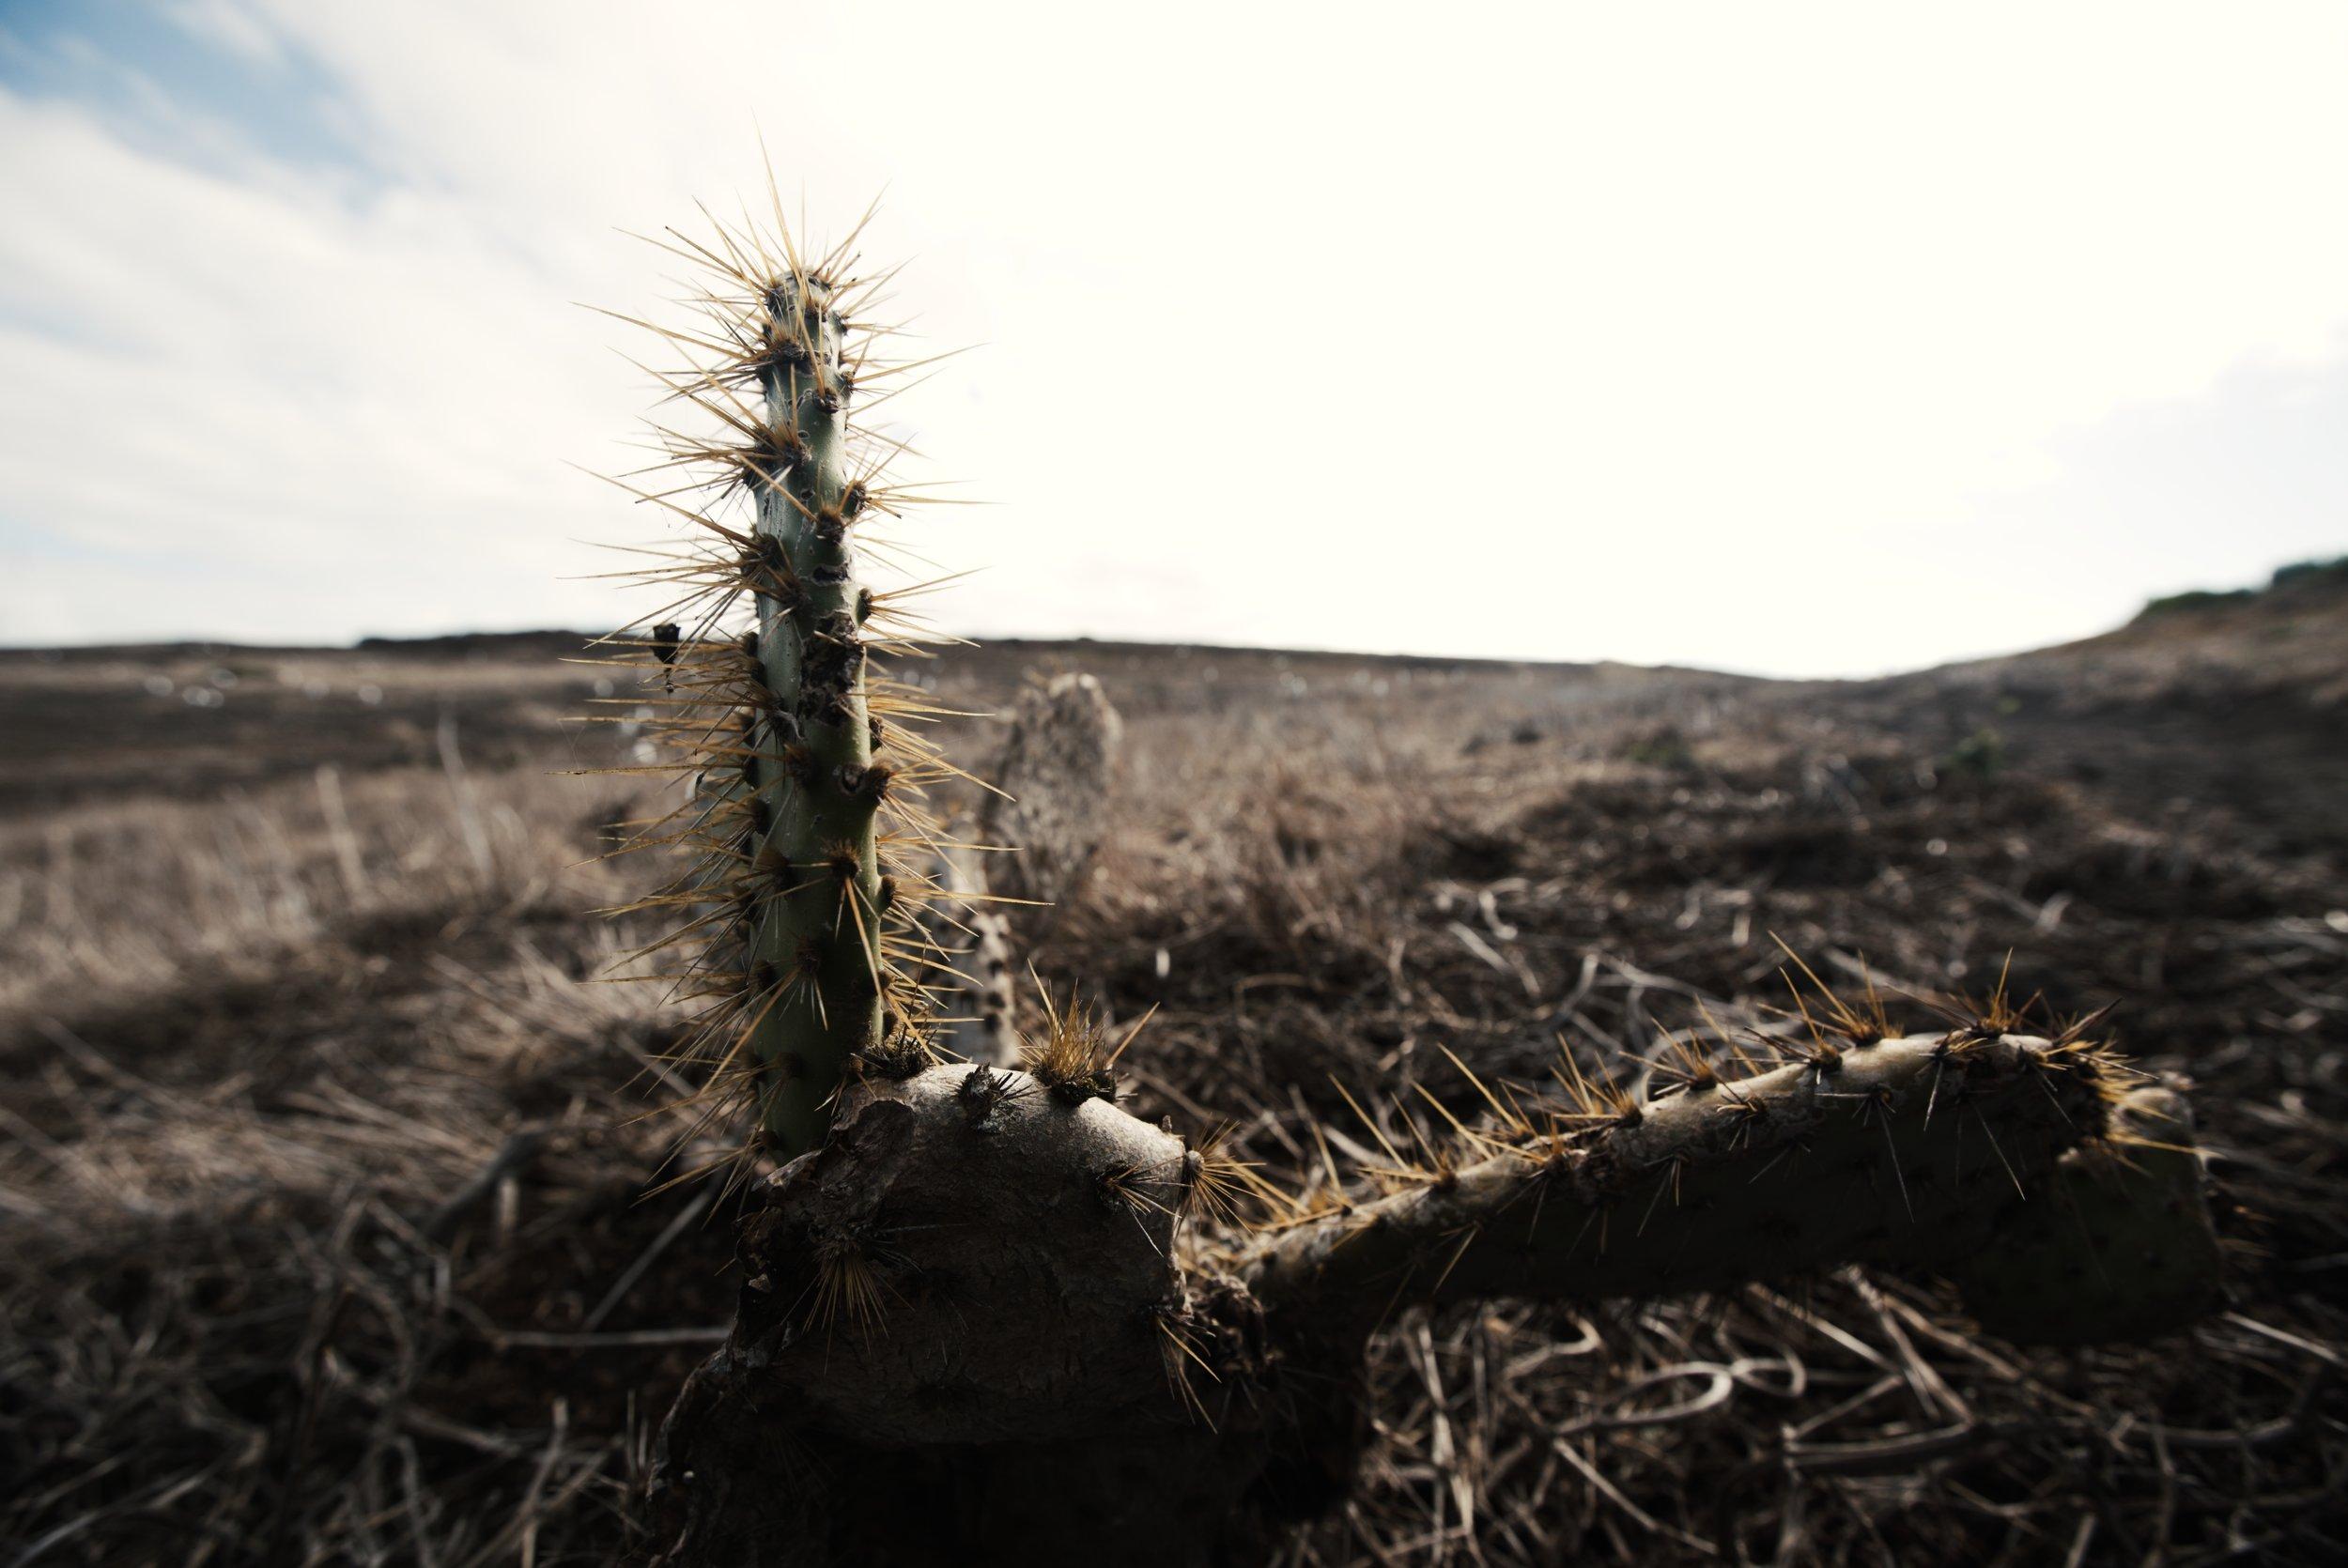 Cactus_1.20.1.jpg